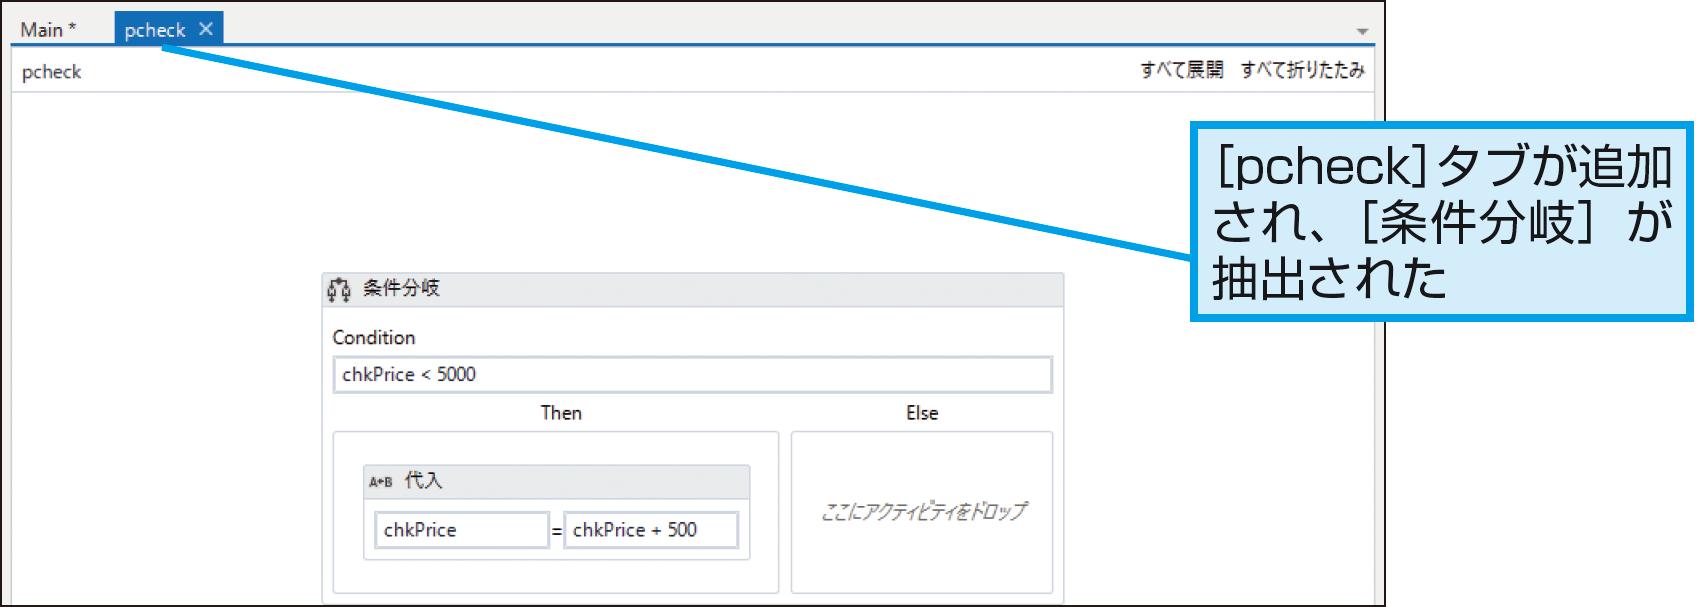 特定の処理を抽出して呼び出すには(ワークフローの切り出しと呼び出し) - できるUiPath